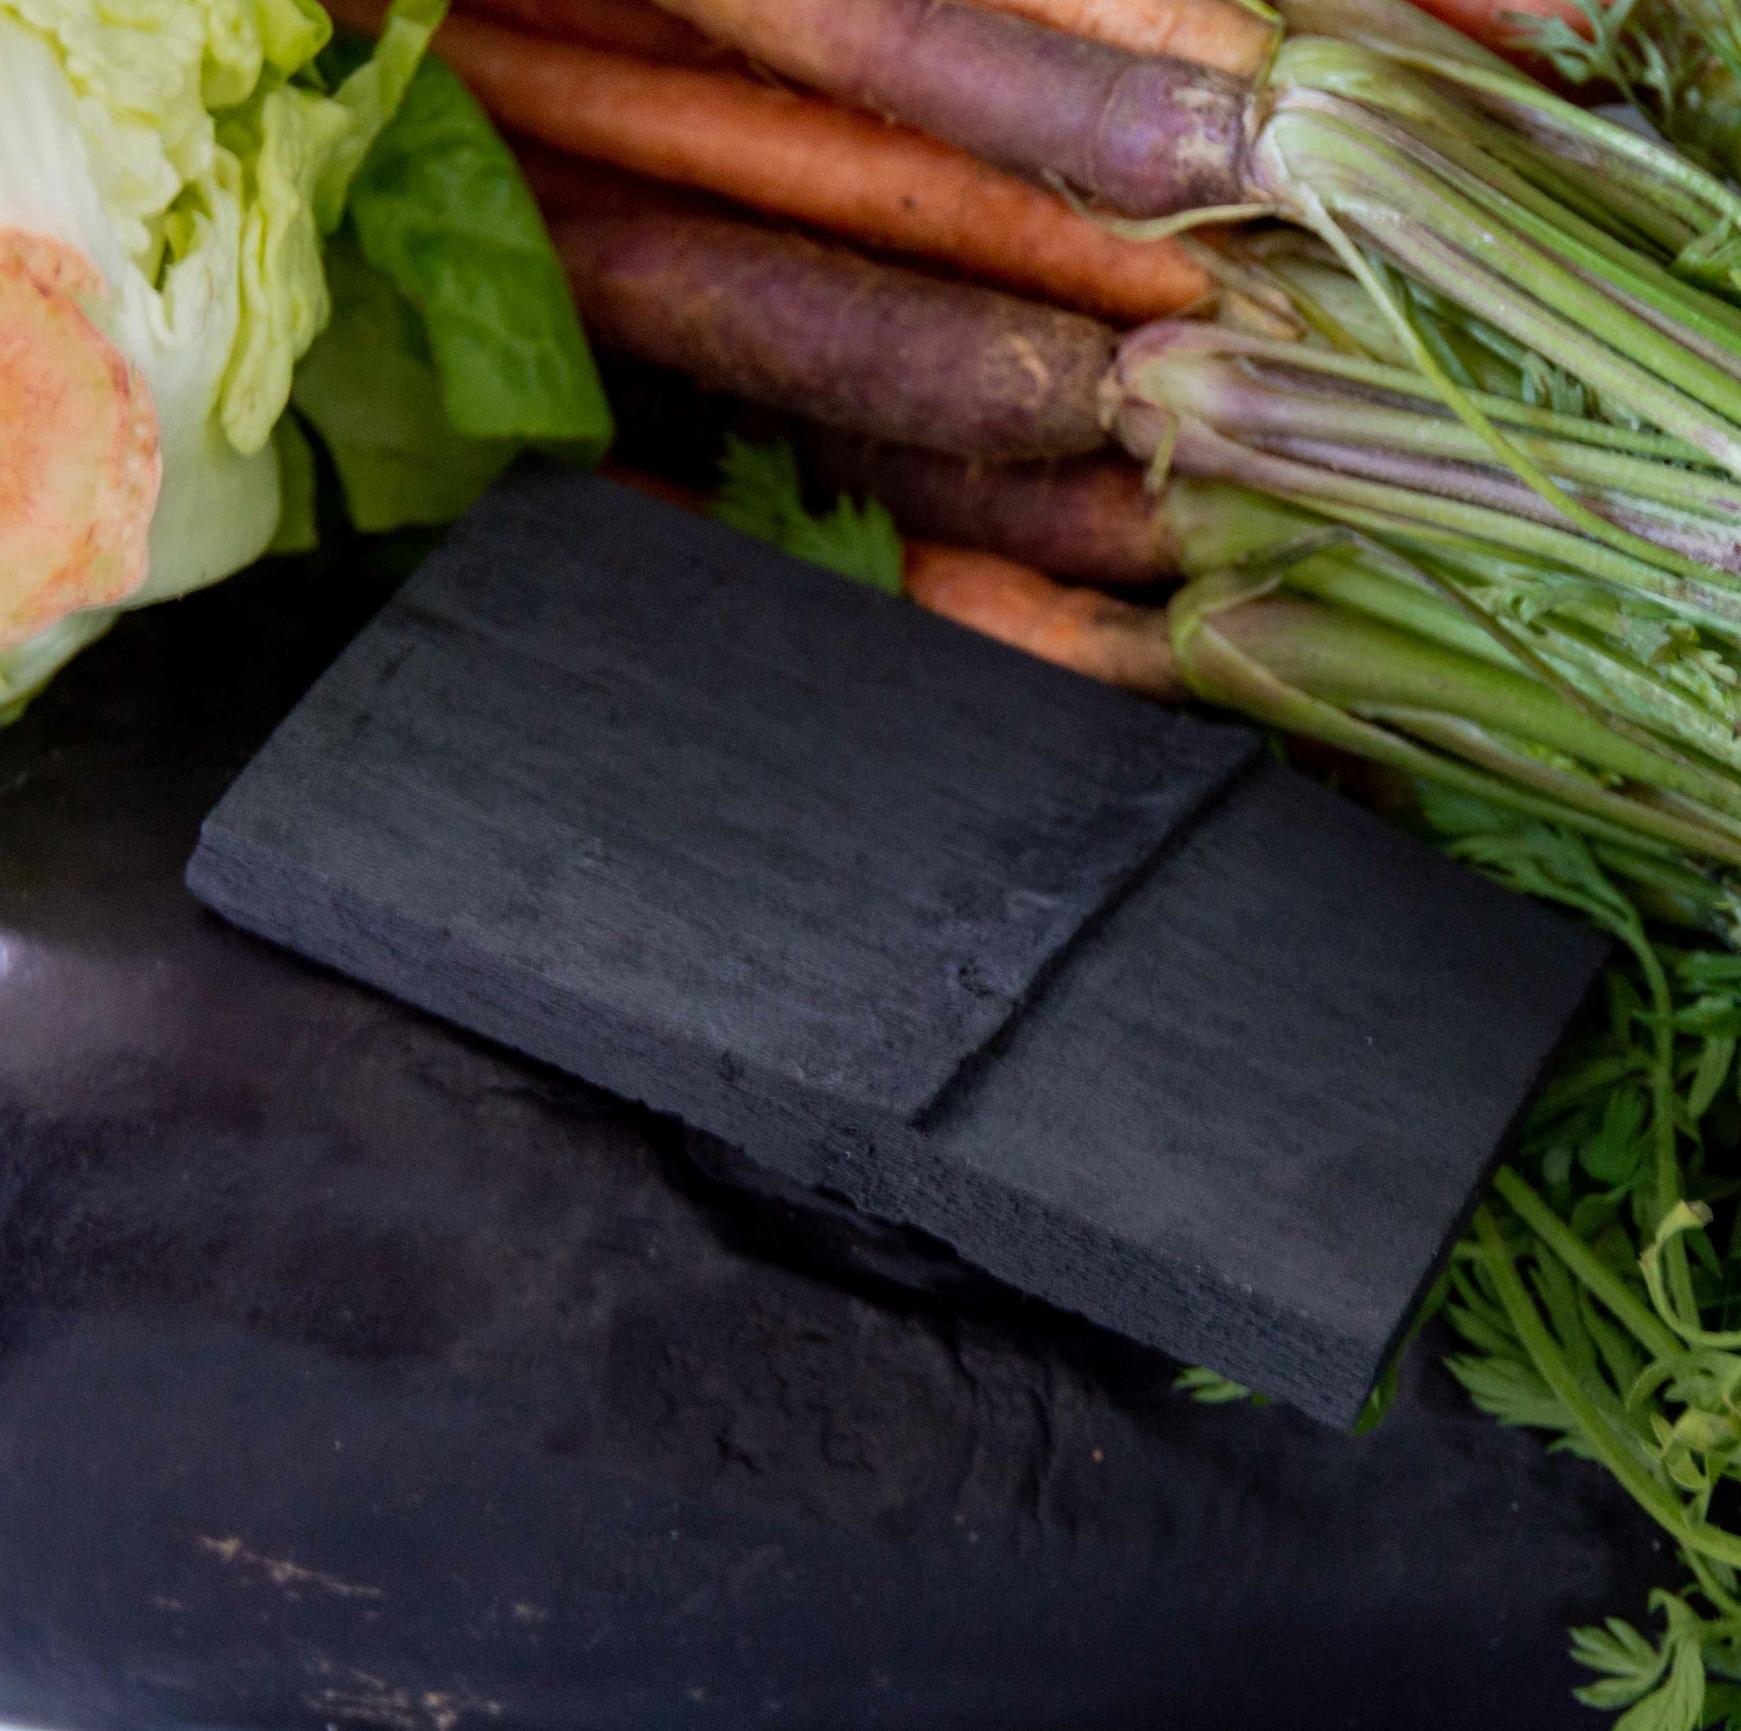 Bloc de charbon actif pour conserver ses légumes plus longtemps - Collection Zero